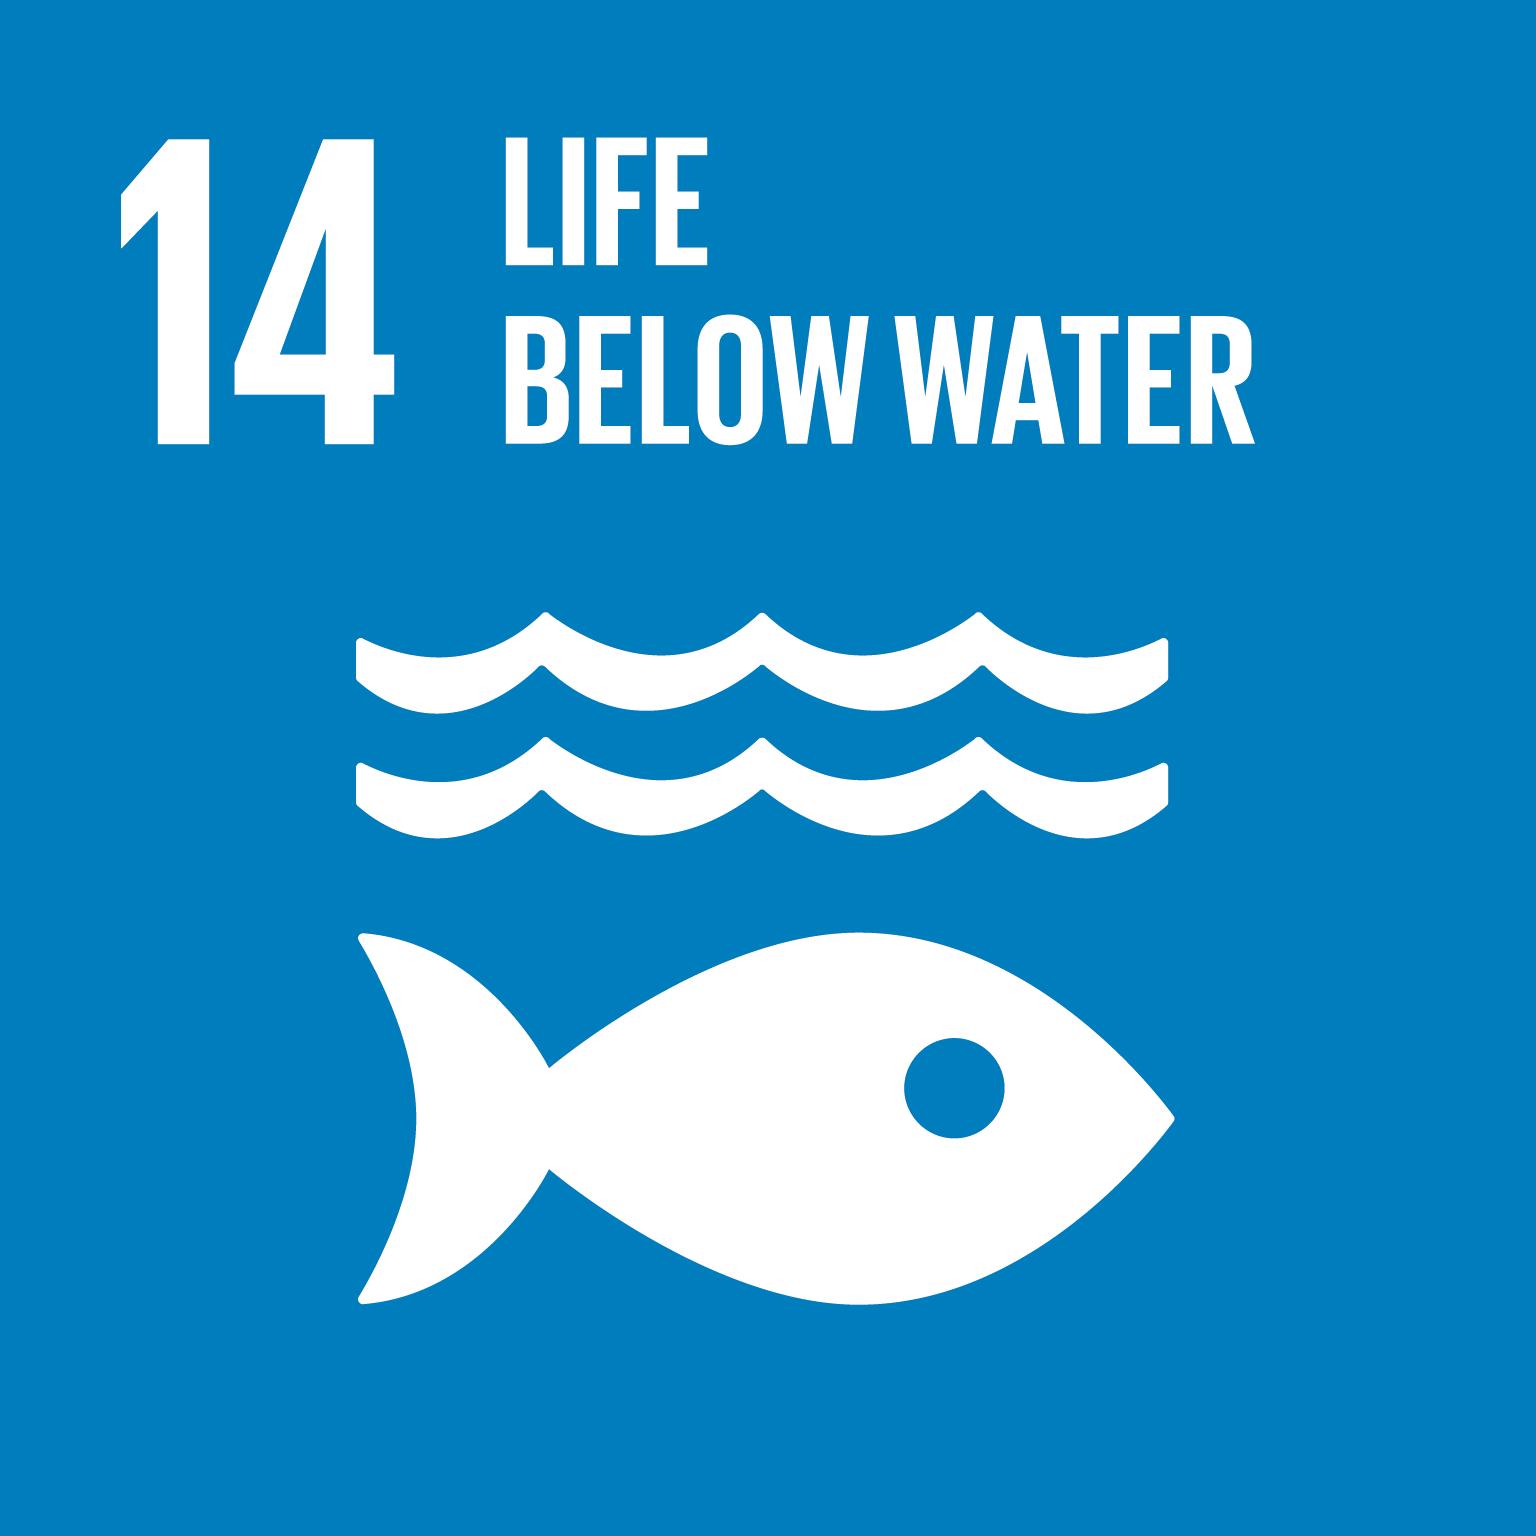 Goal 14: Life Below Water